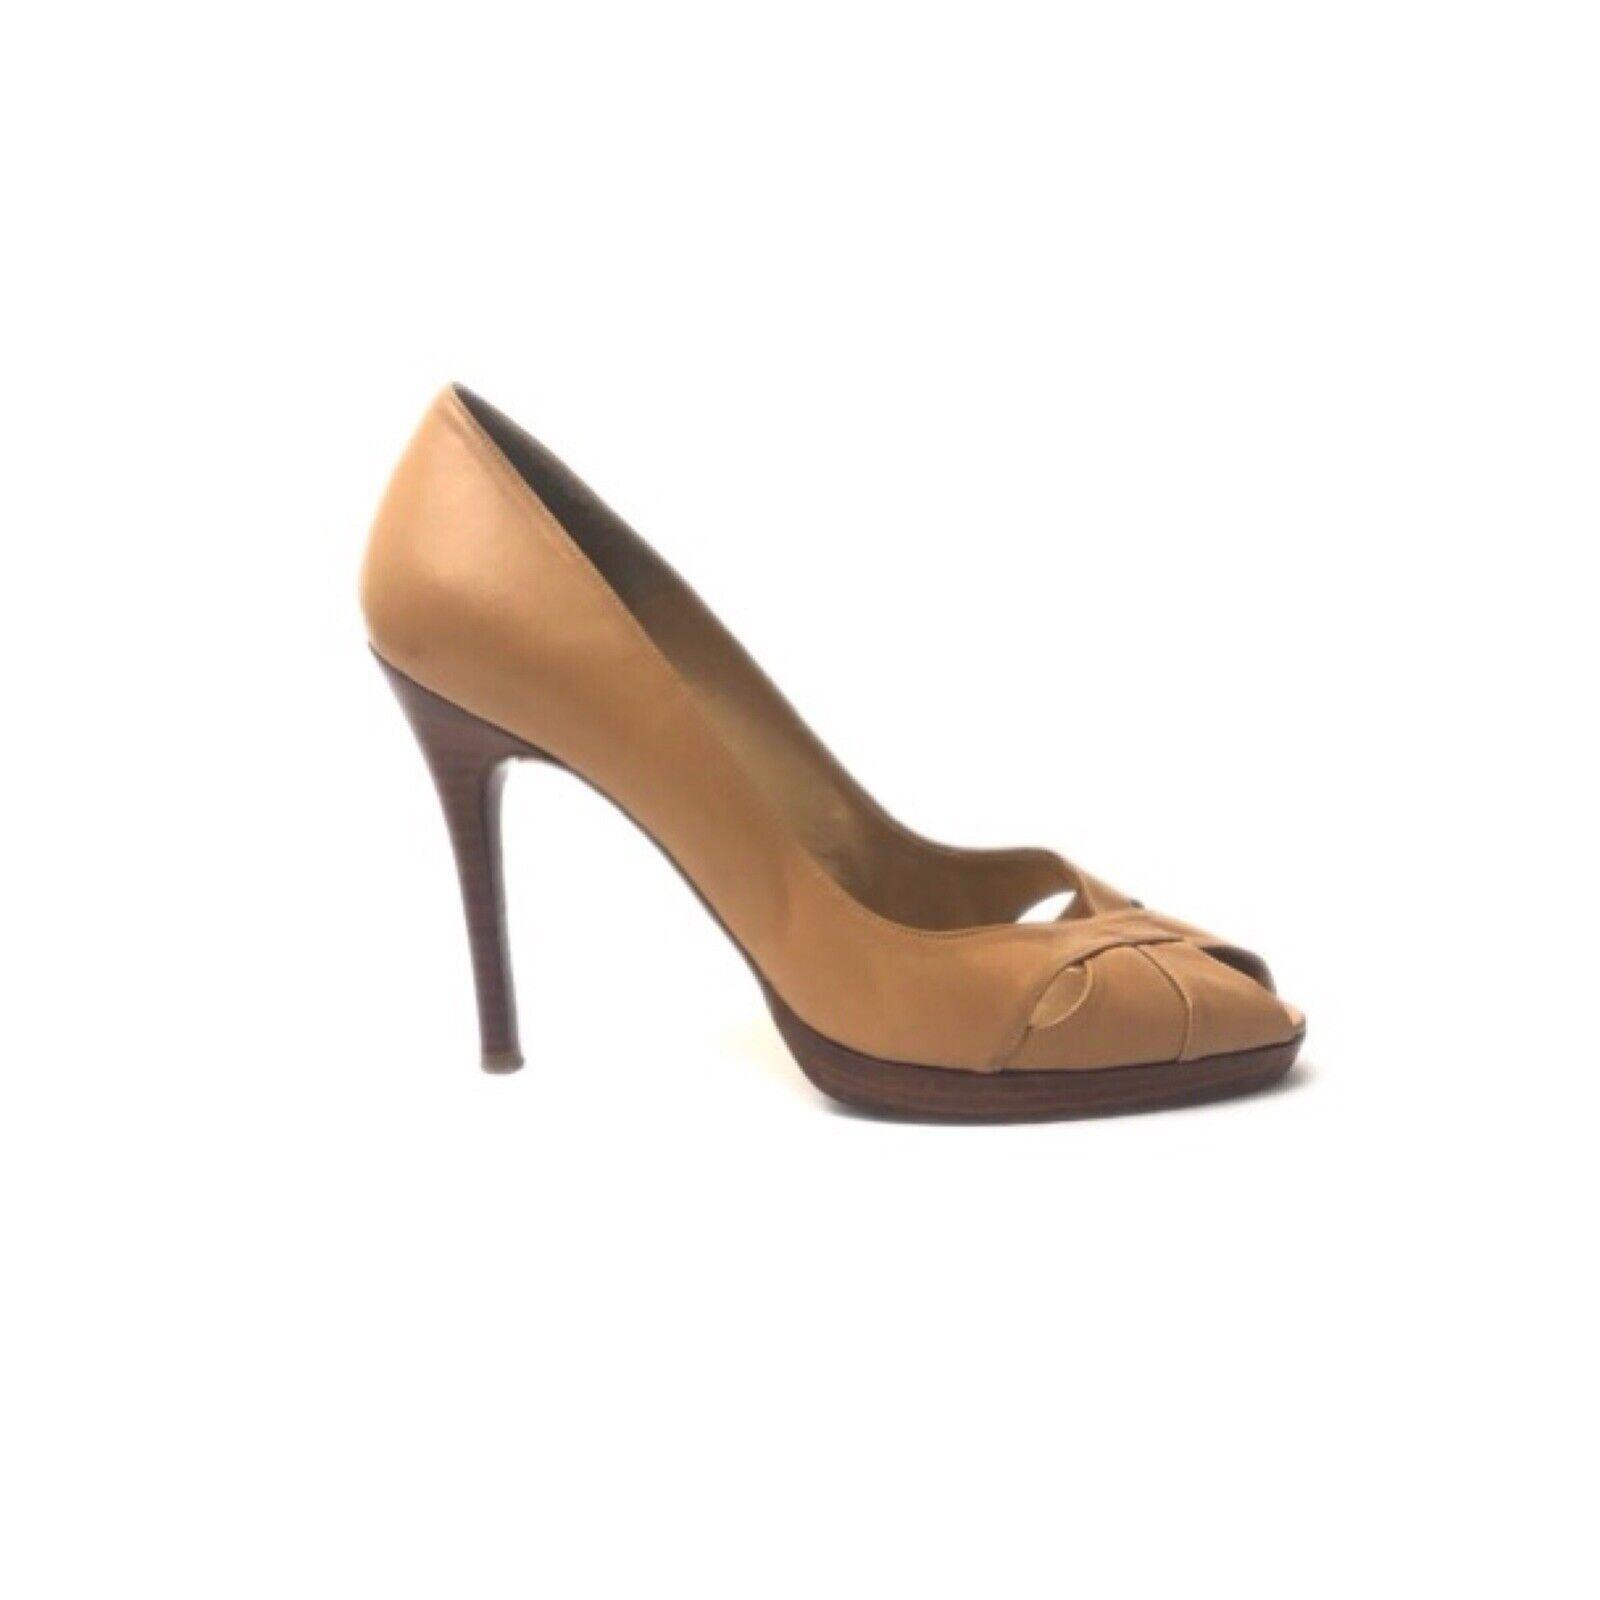 Stuart Weitzman Chaussures Femme Talons Hauts Taille 9 en Cuir Marron Clair Chaussures à bout ouvert